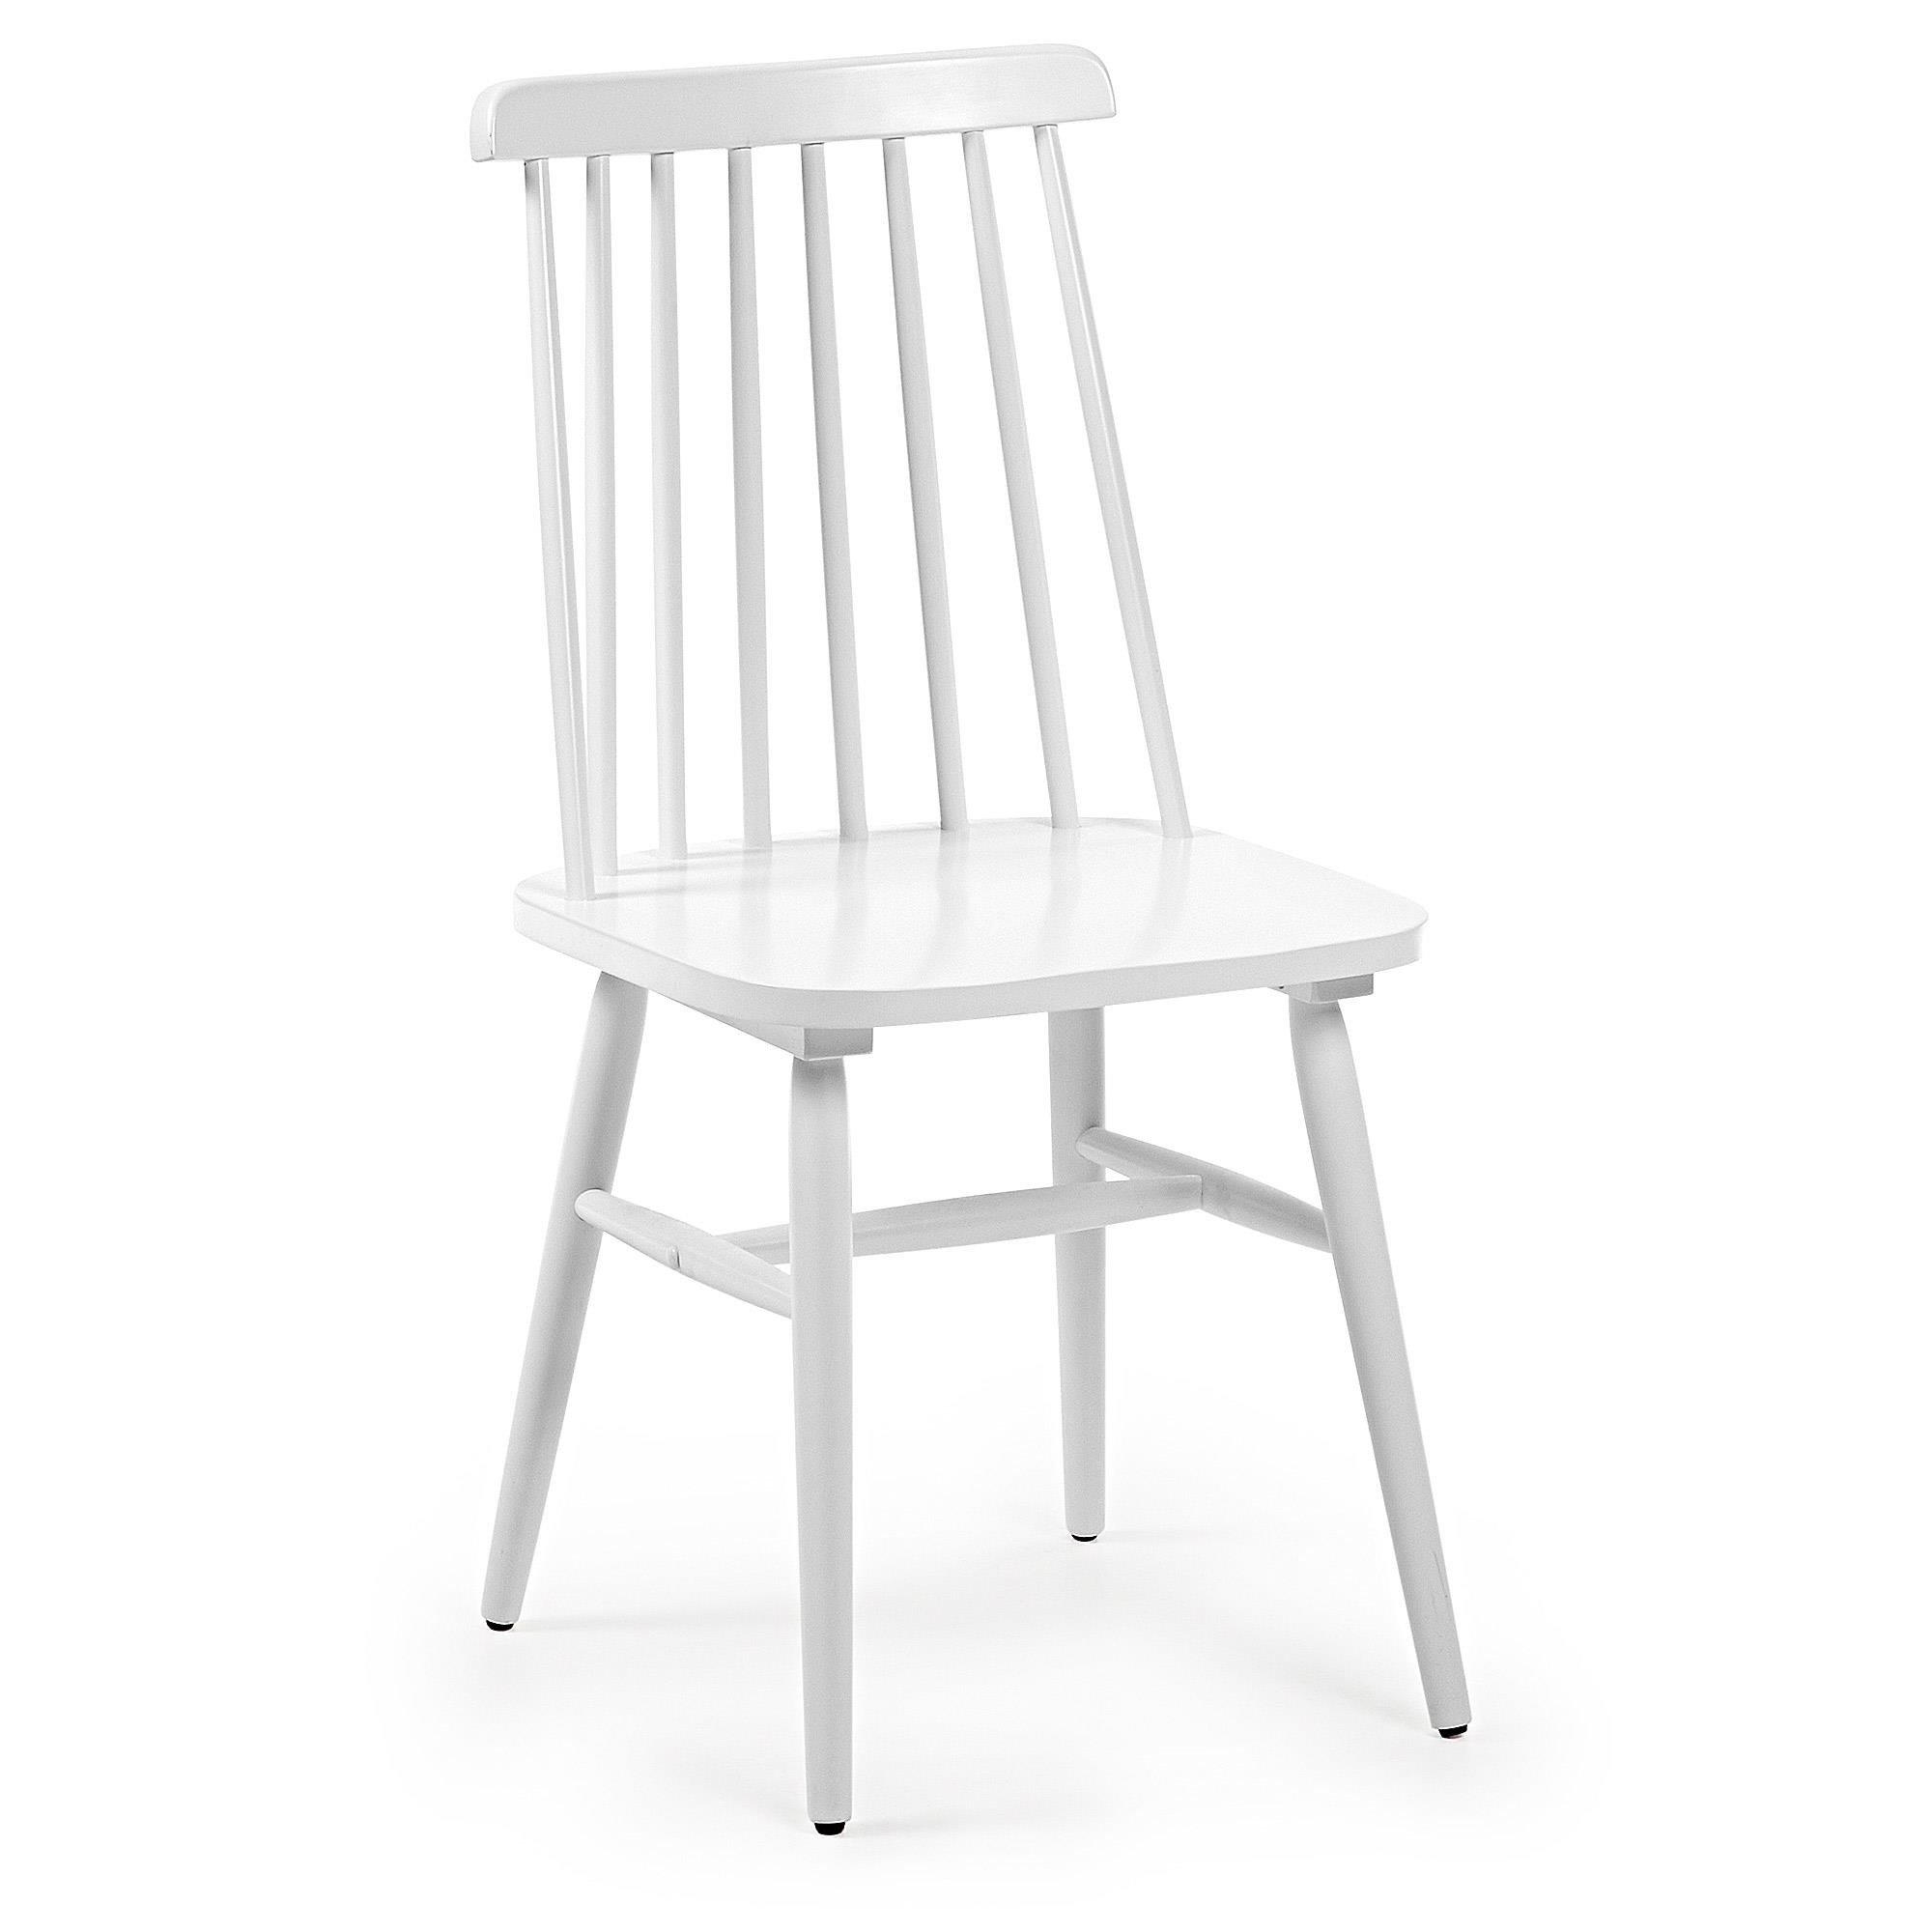 Krzesło ESTRA 43x49 kolor biały